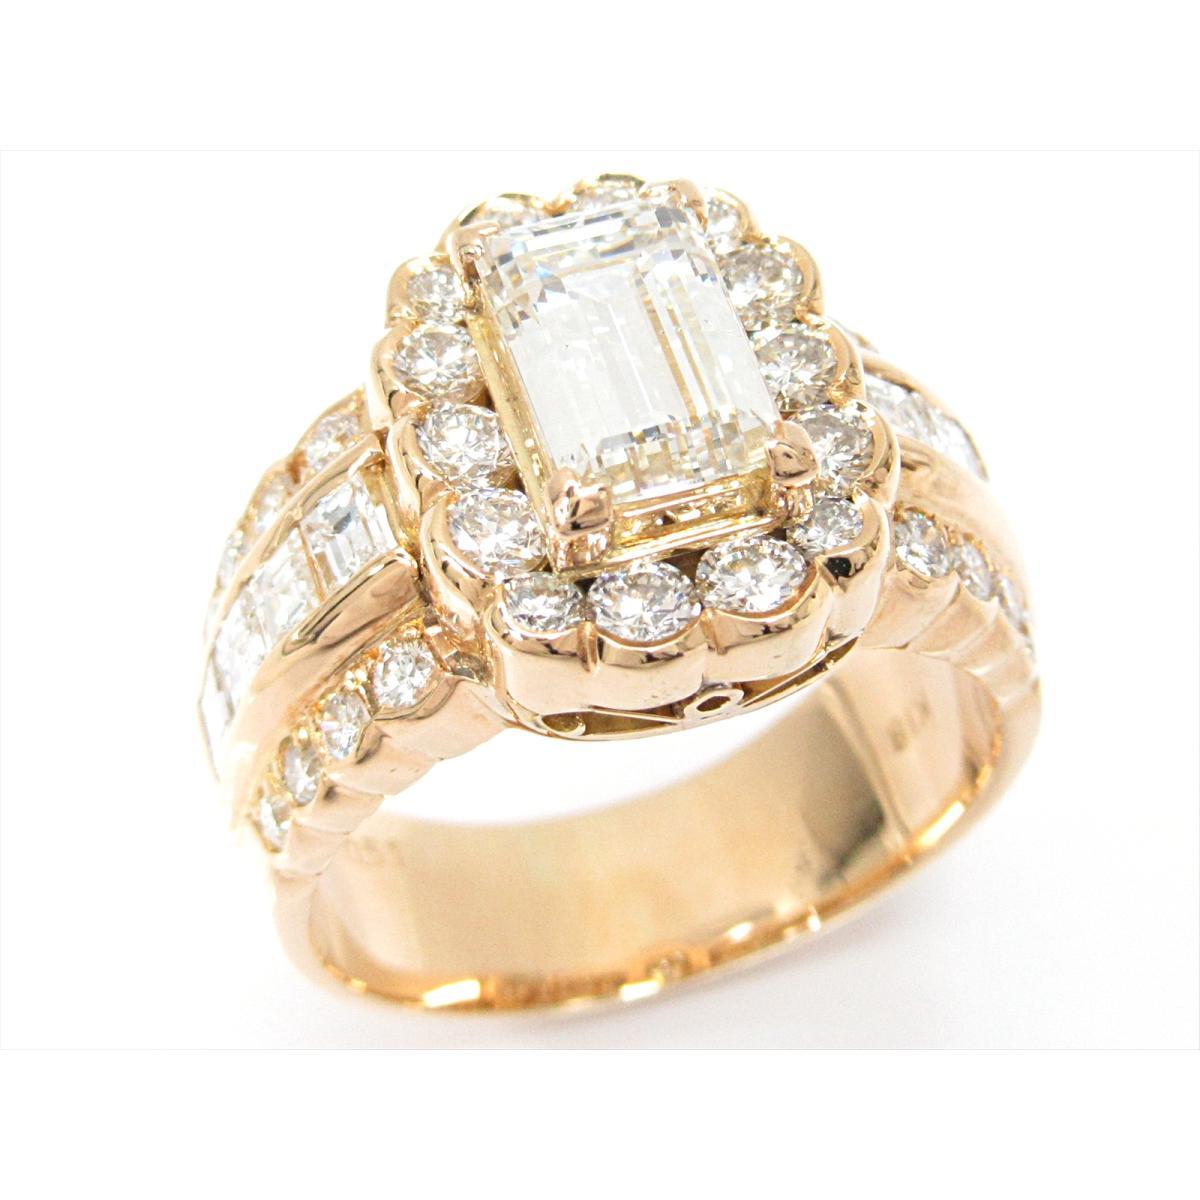 【中古】ジュエリー ダイヤモンドリング 指輪 貴金属 宝石 レディース K18YG(750) イエローゴールドxダイヤモンド(1.22/0.94/0.51ct)